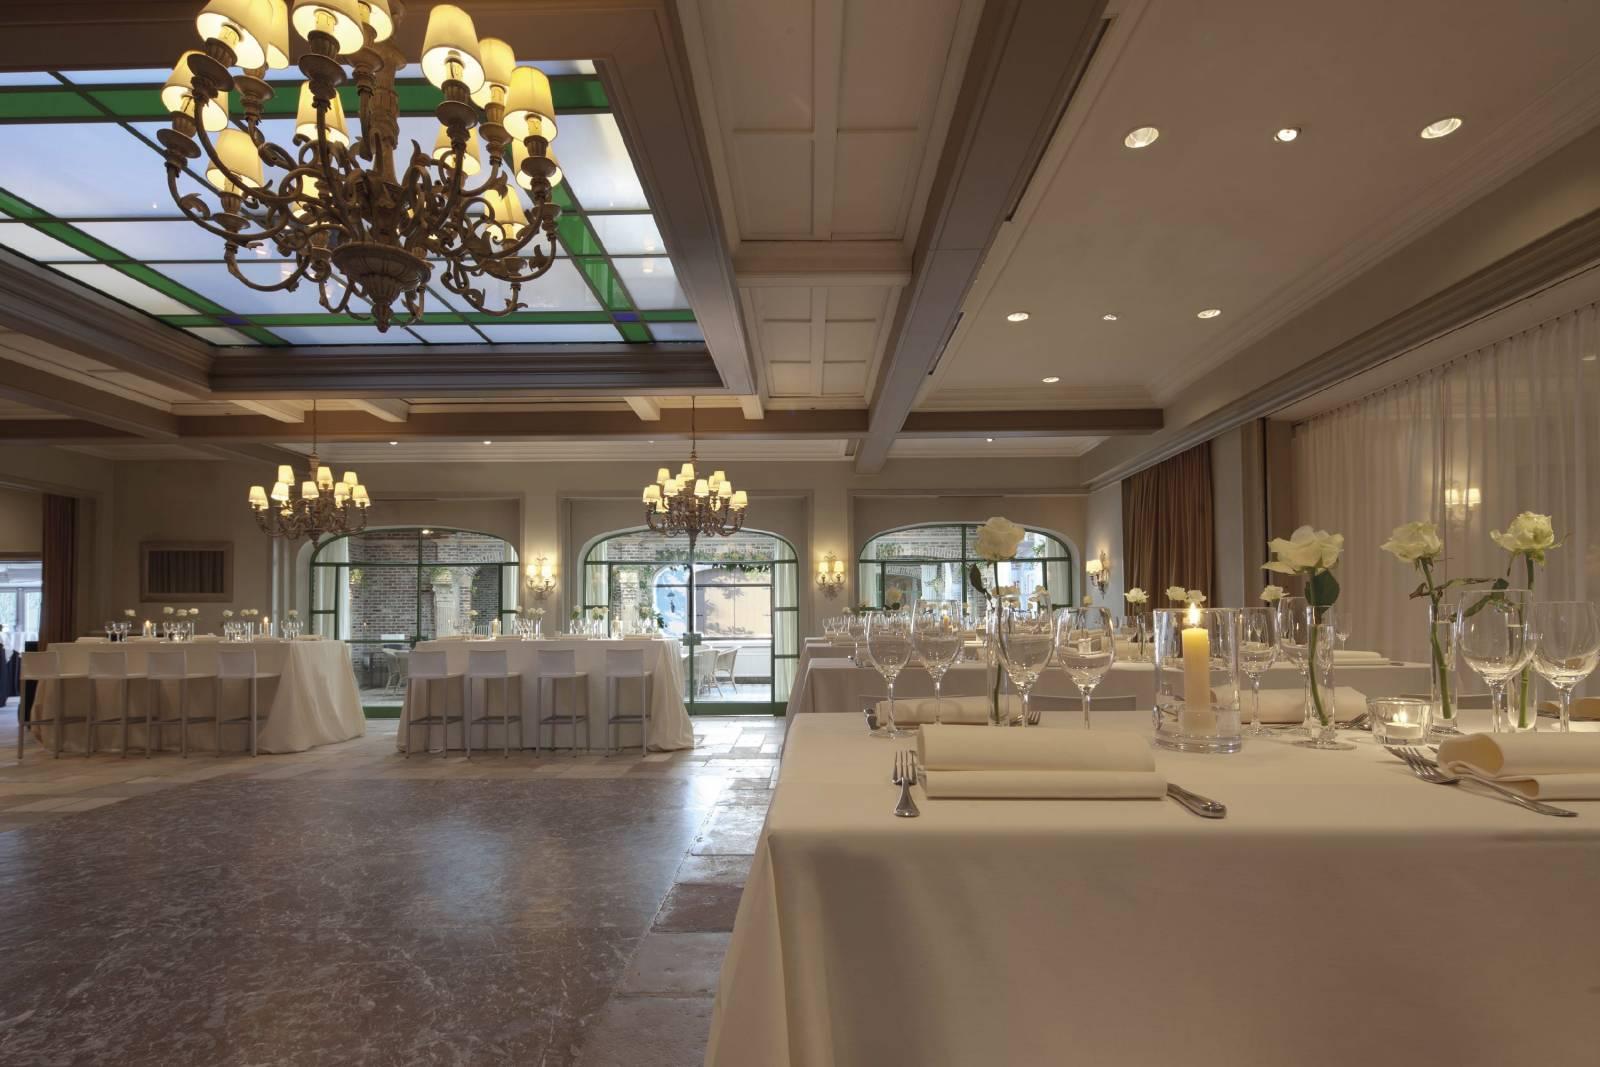 Huis van Wonterghem - venues - House of Weddings 1 - 1